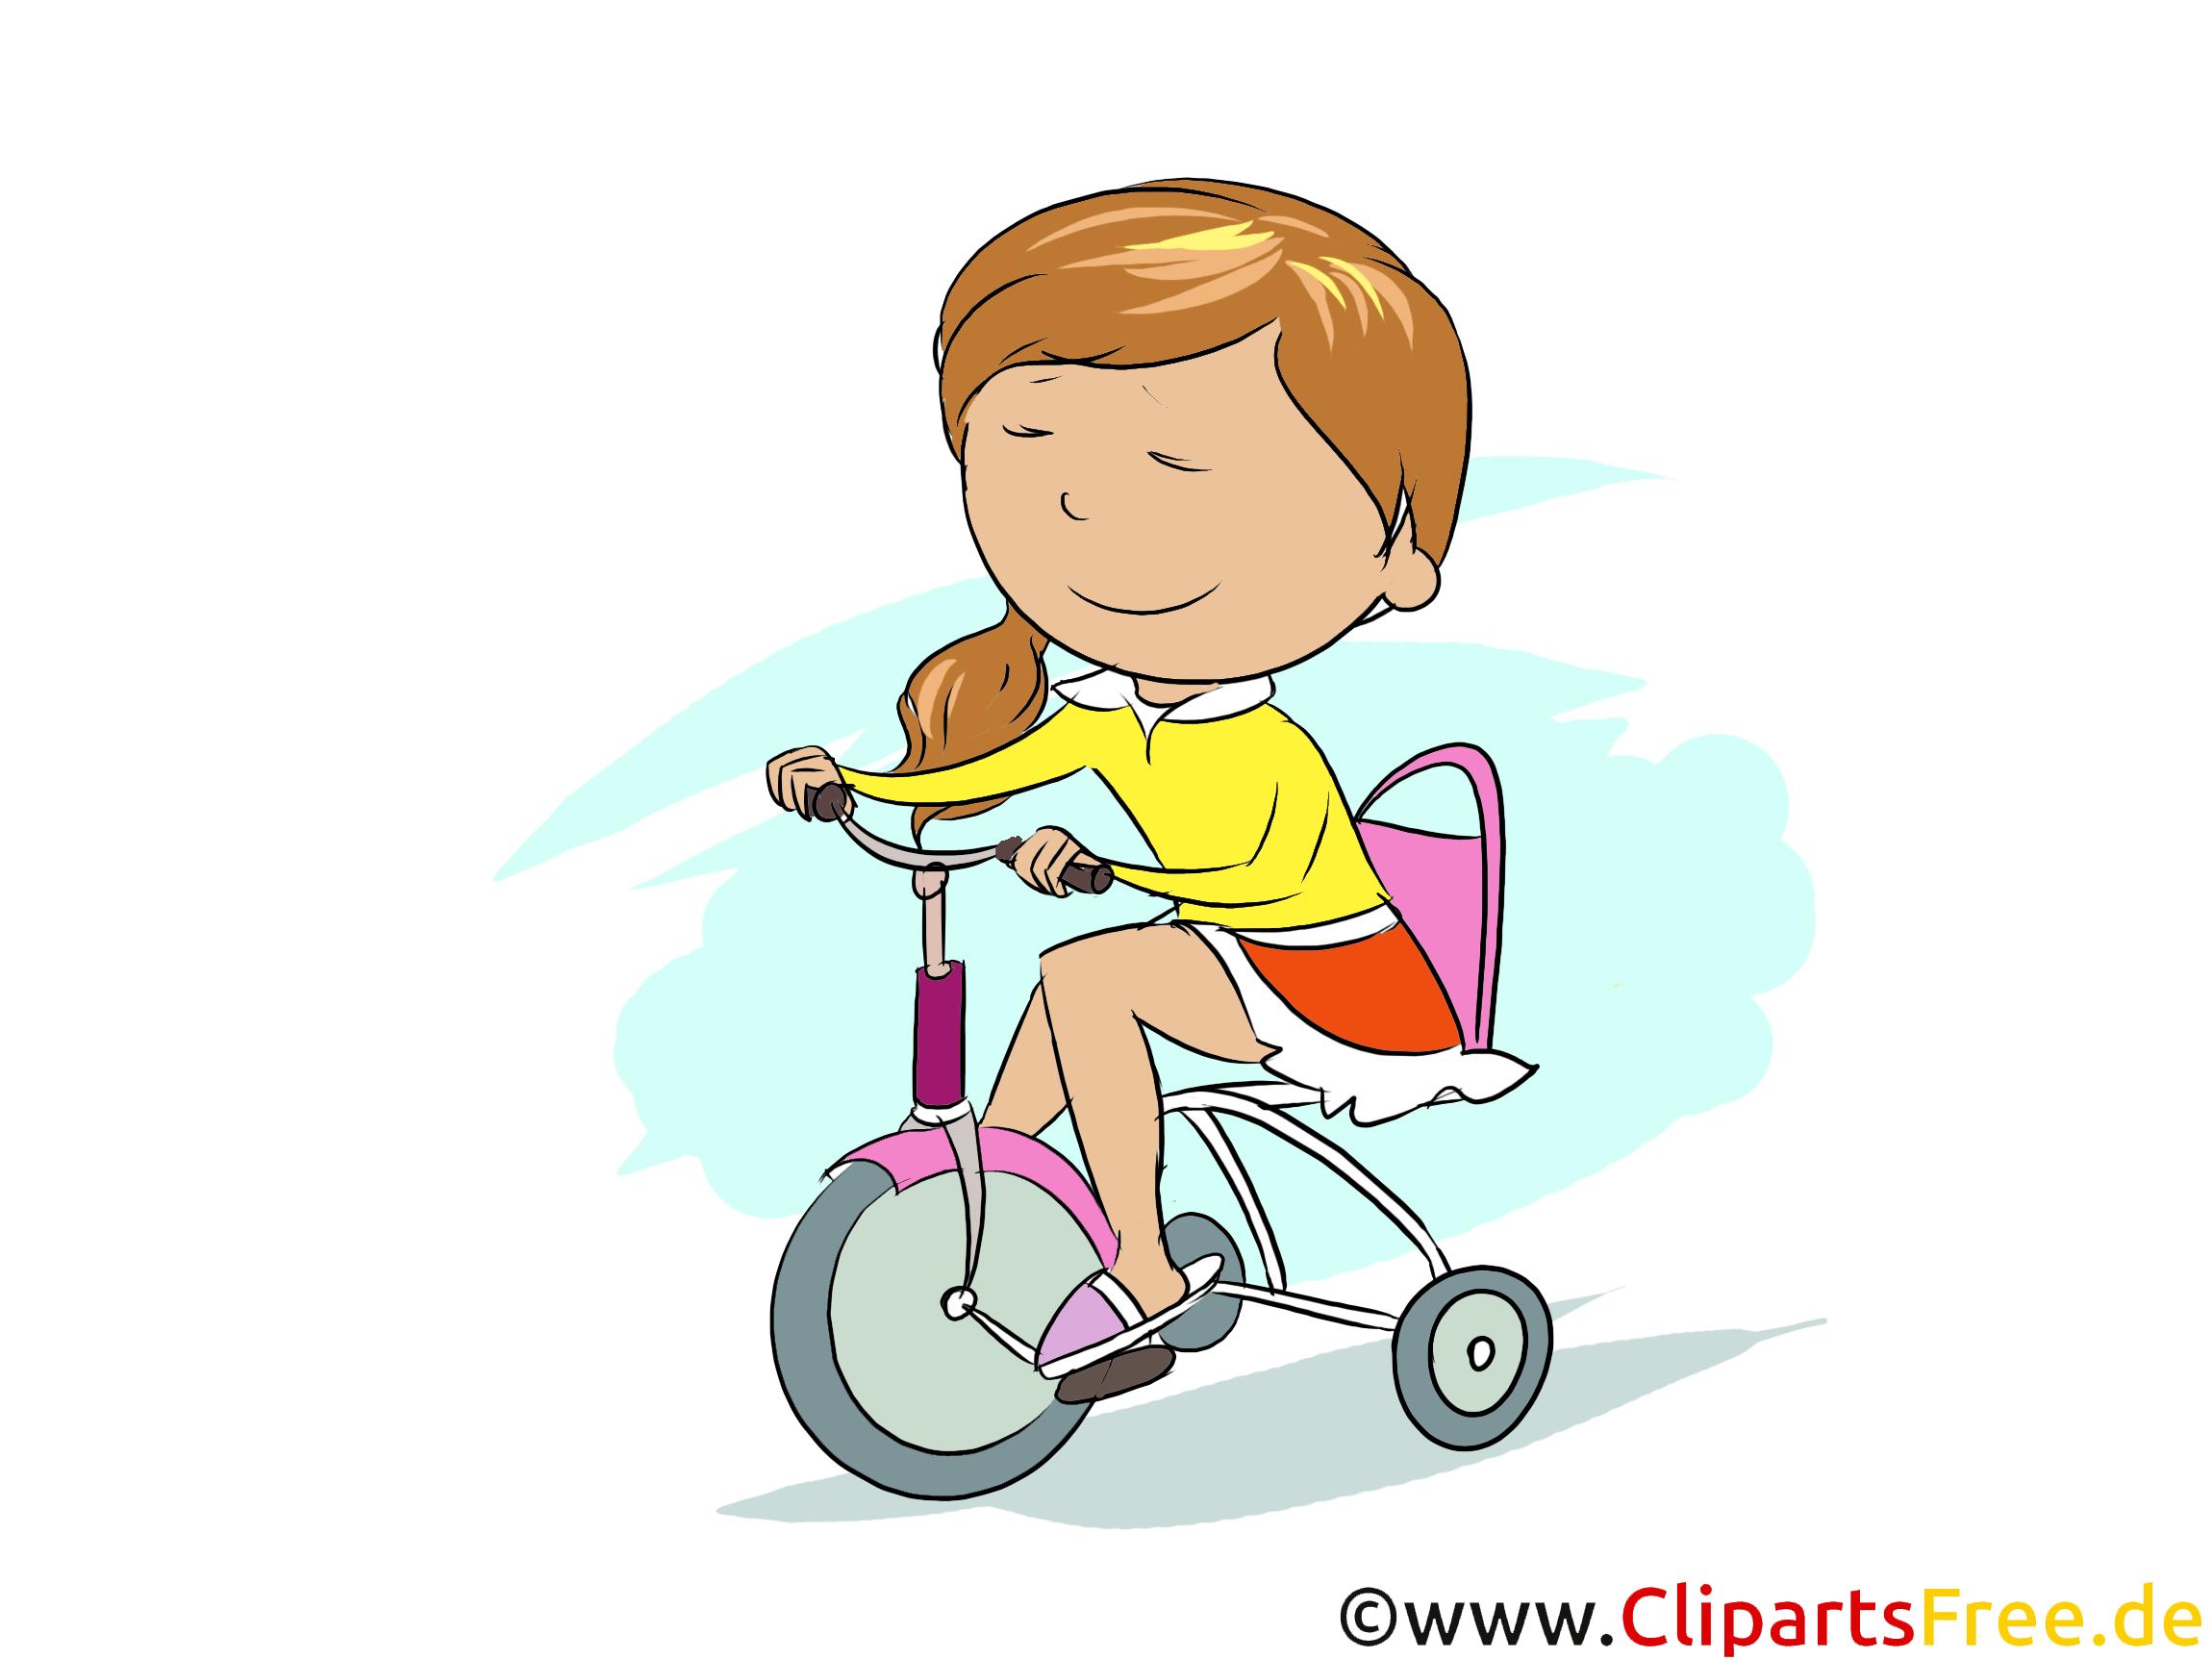 Mädchen fährt Fahrrad - Bilder zum Tagesablauf gür Schule